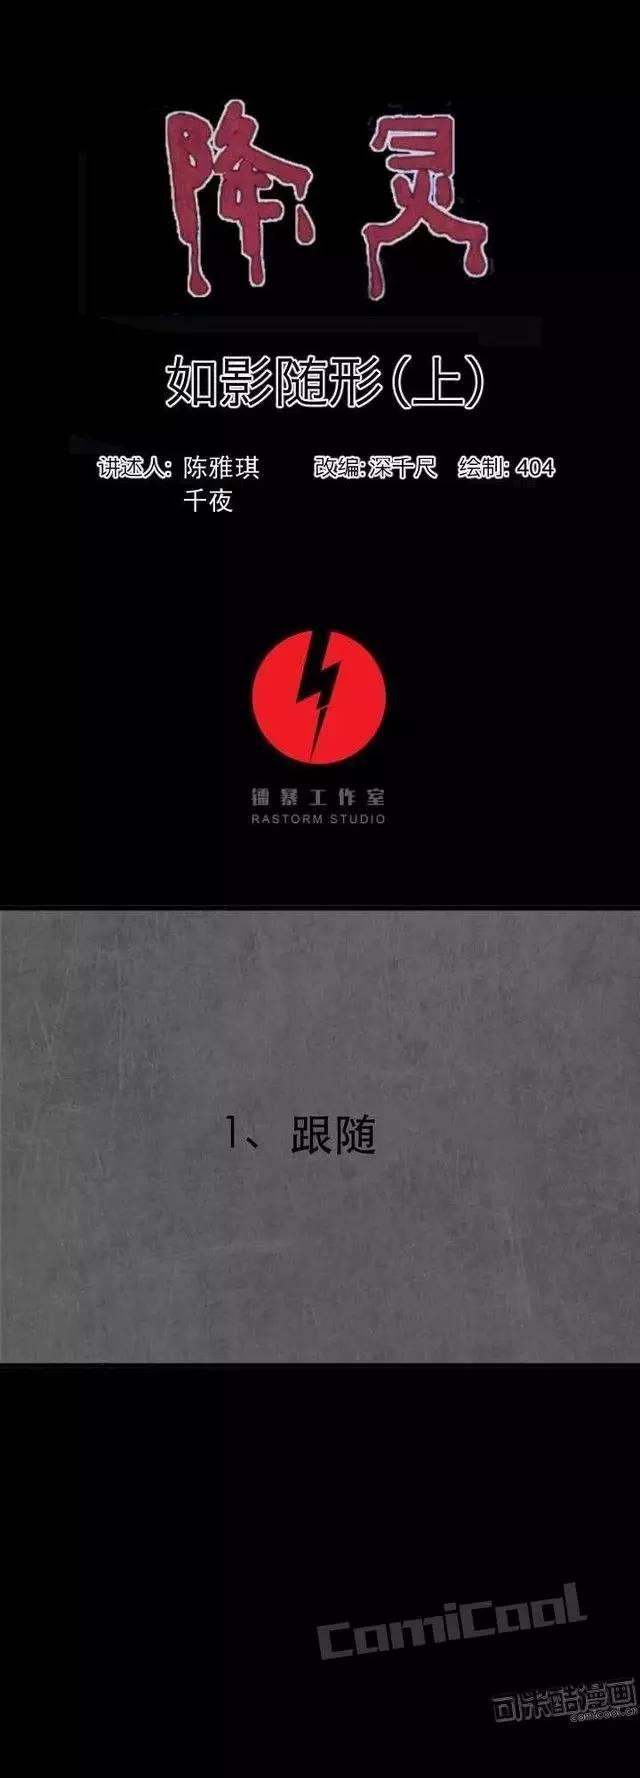 恐怖影子《图片鬼》-搜狐皇帝漫画漫画高清图片